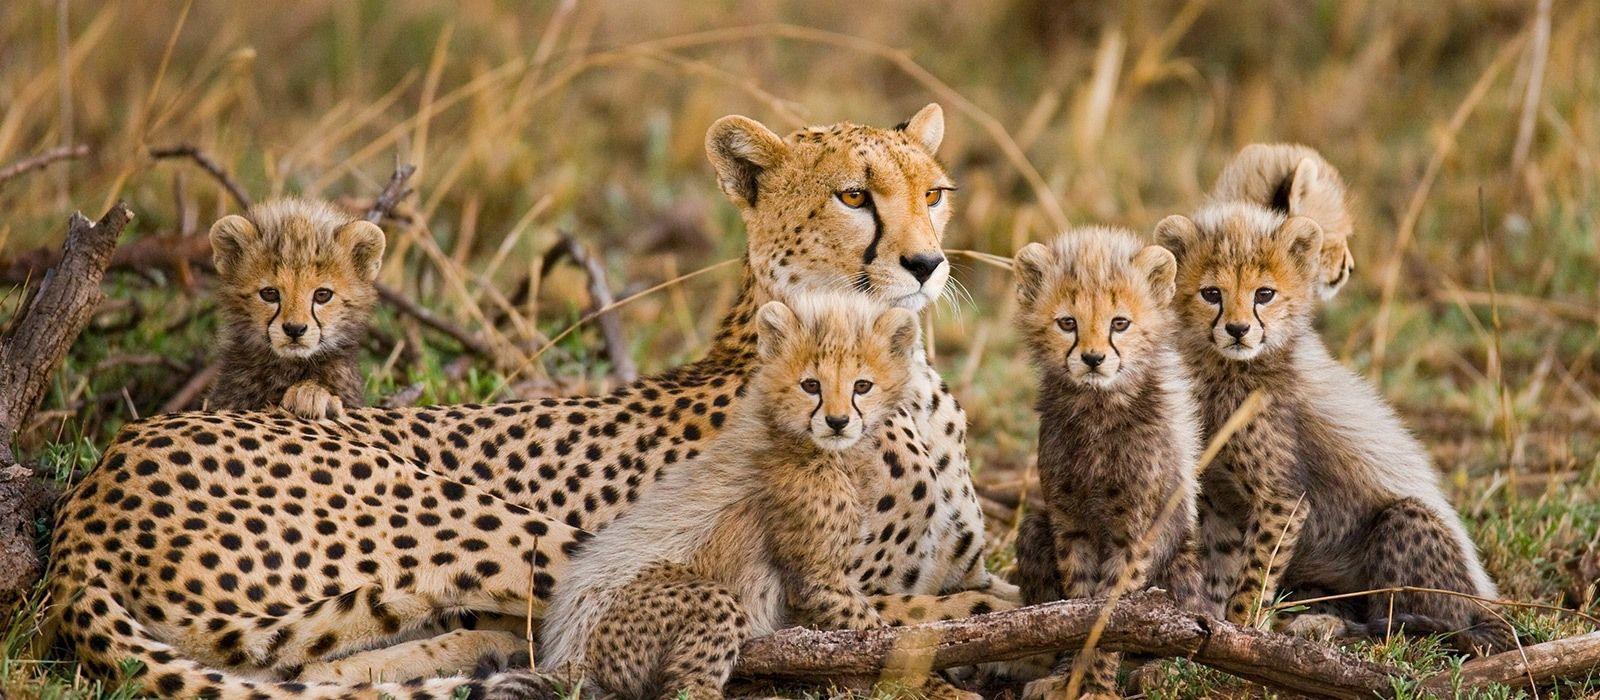 Tansania Luxusreise: Serengeti, Viktoriasee & Big Five Urlaub 4